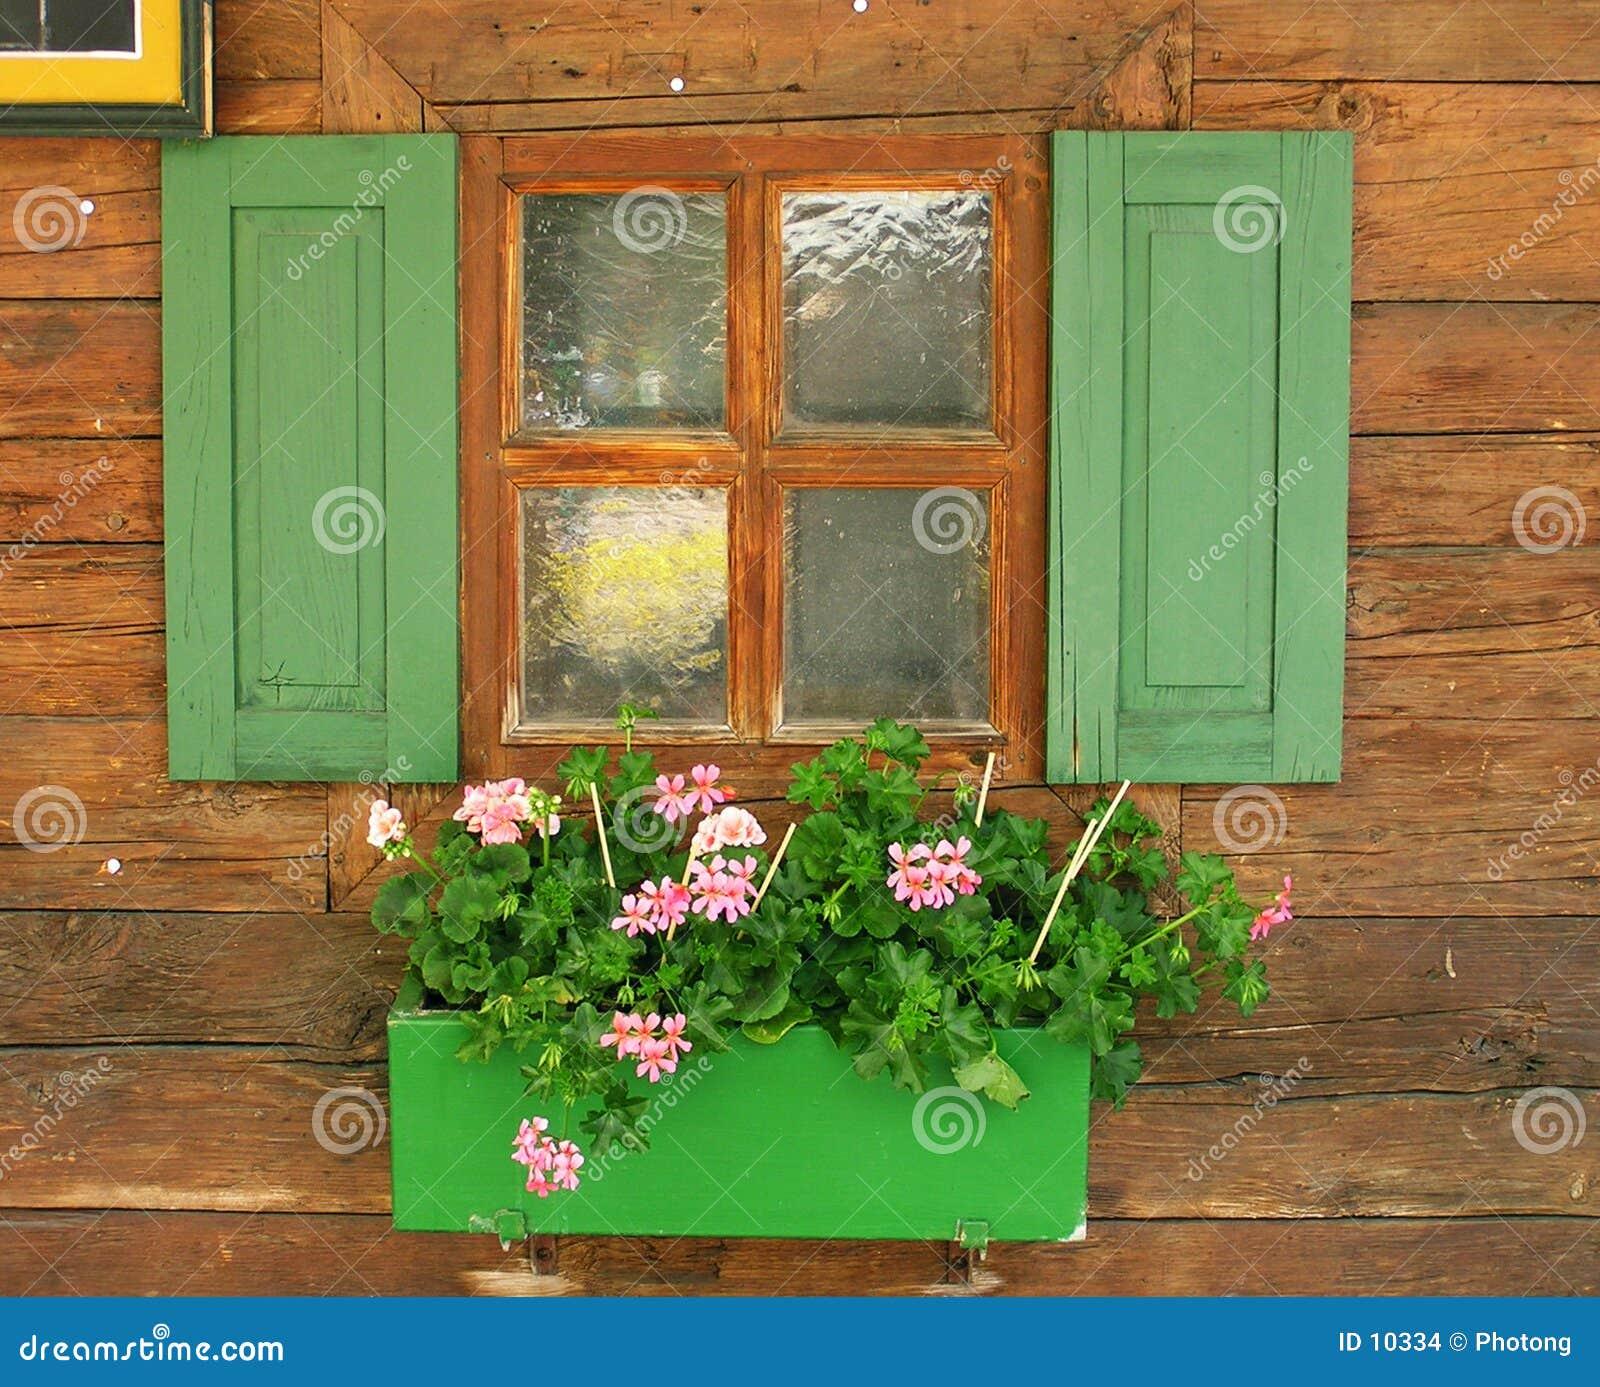 Hübsches Fenster